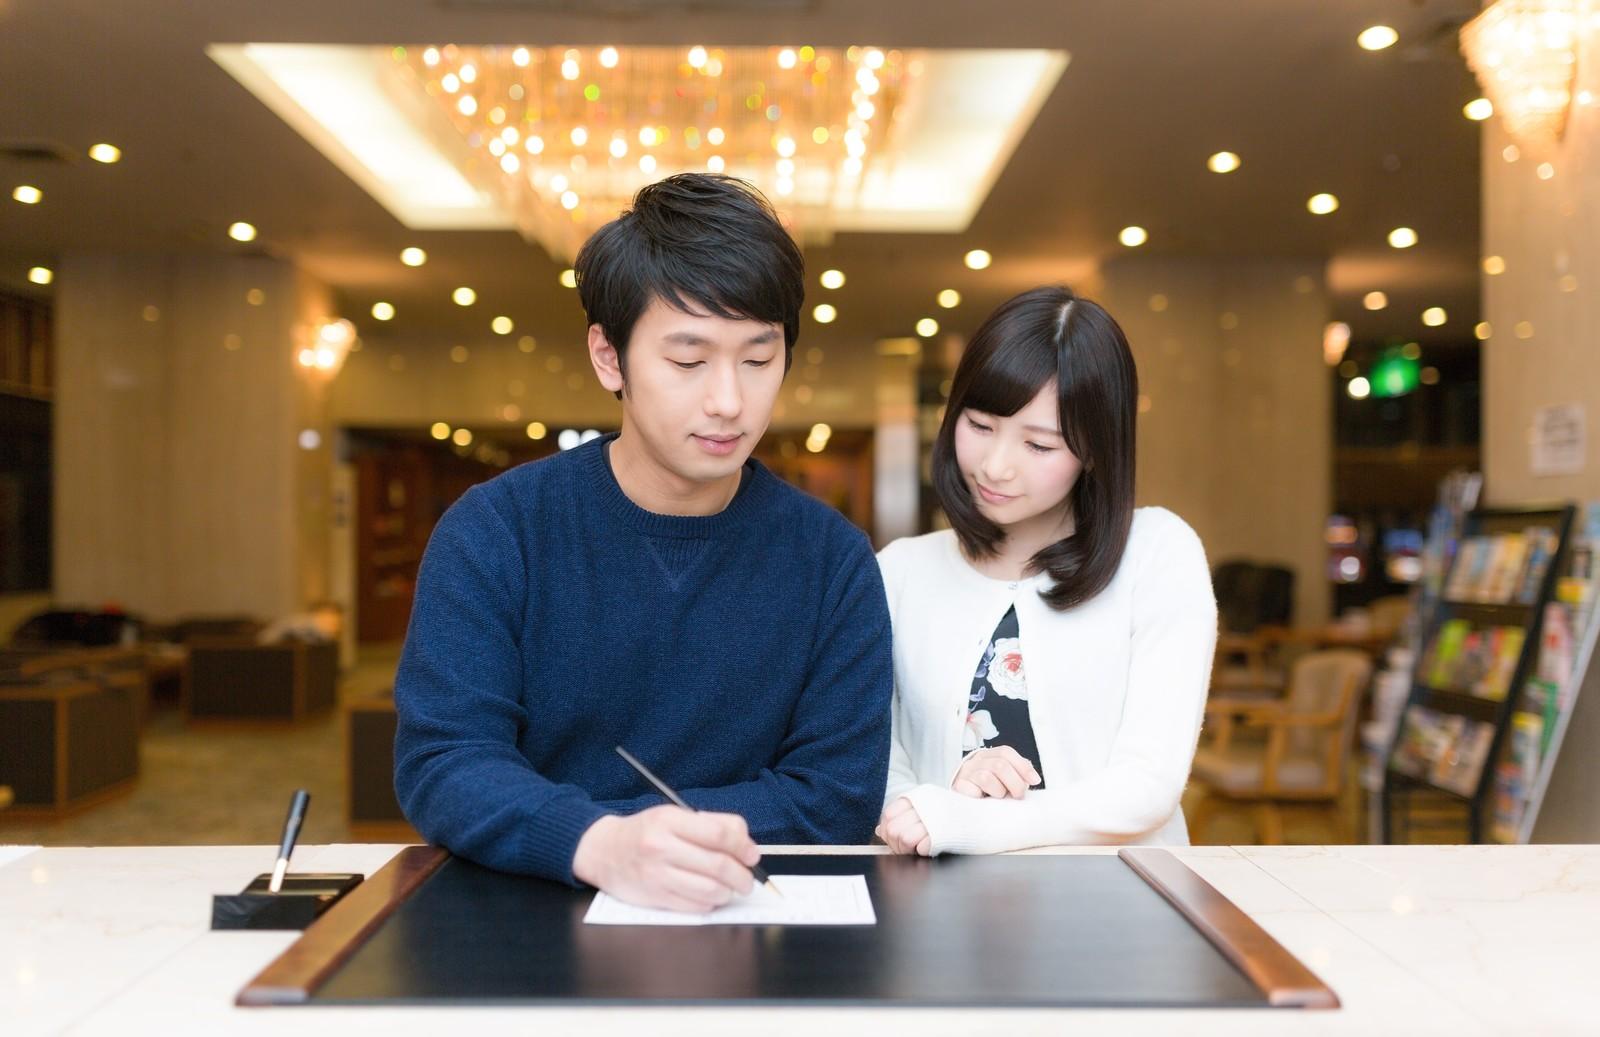 【韓国語】覚えておきたいホテルで使える単語&フレーズ集